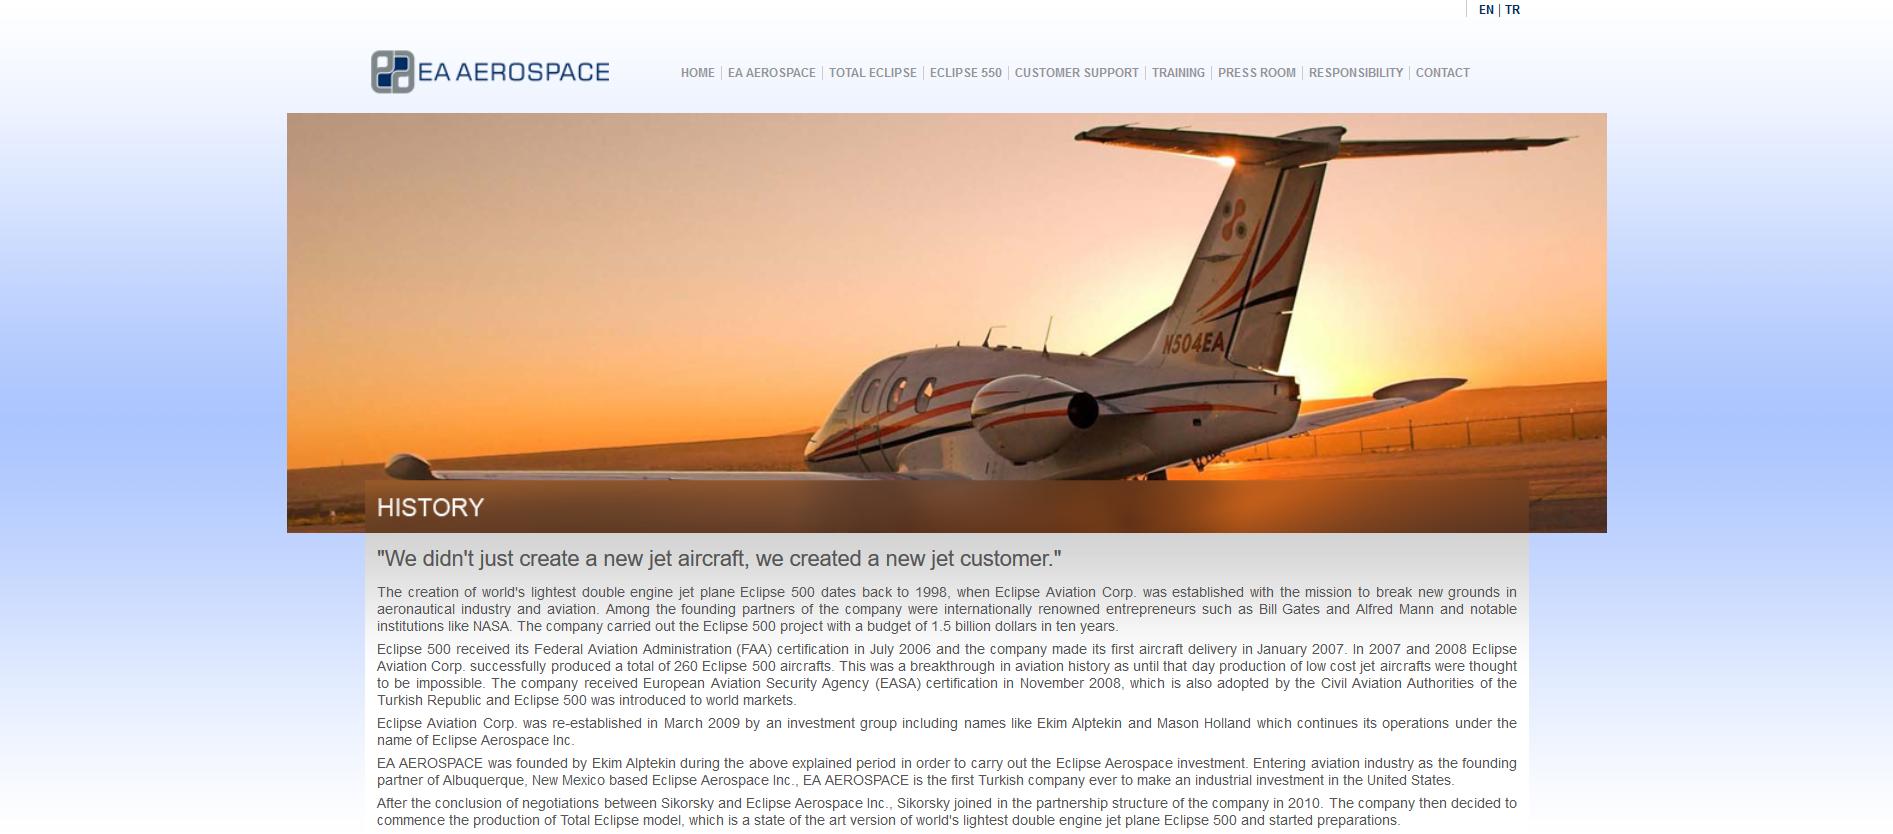 EA aerospace Alptekin plane history.png